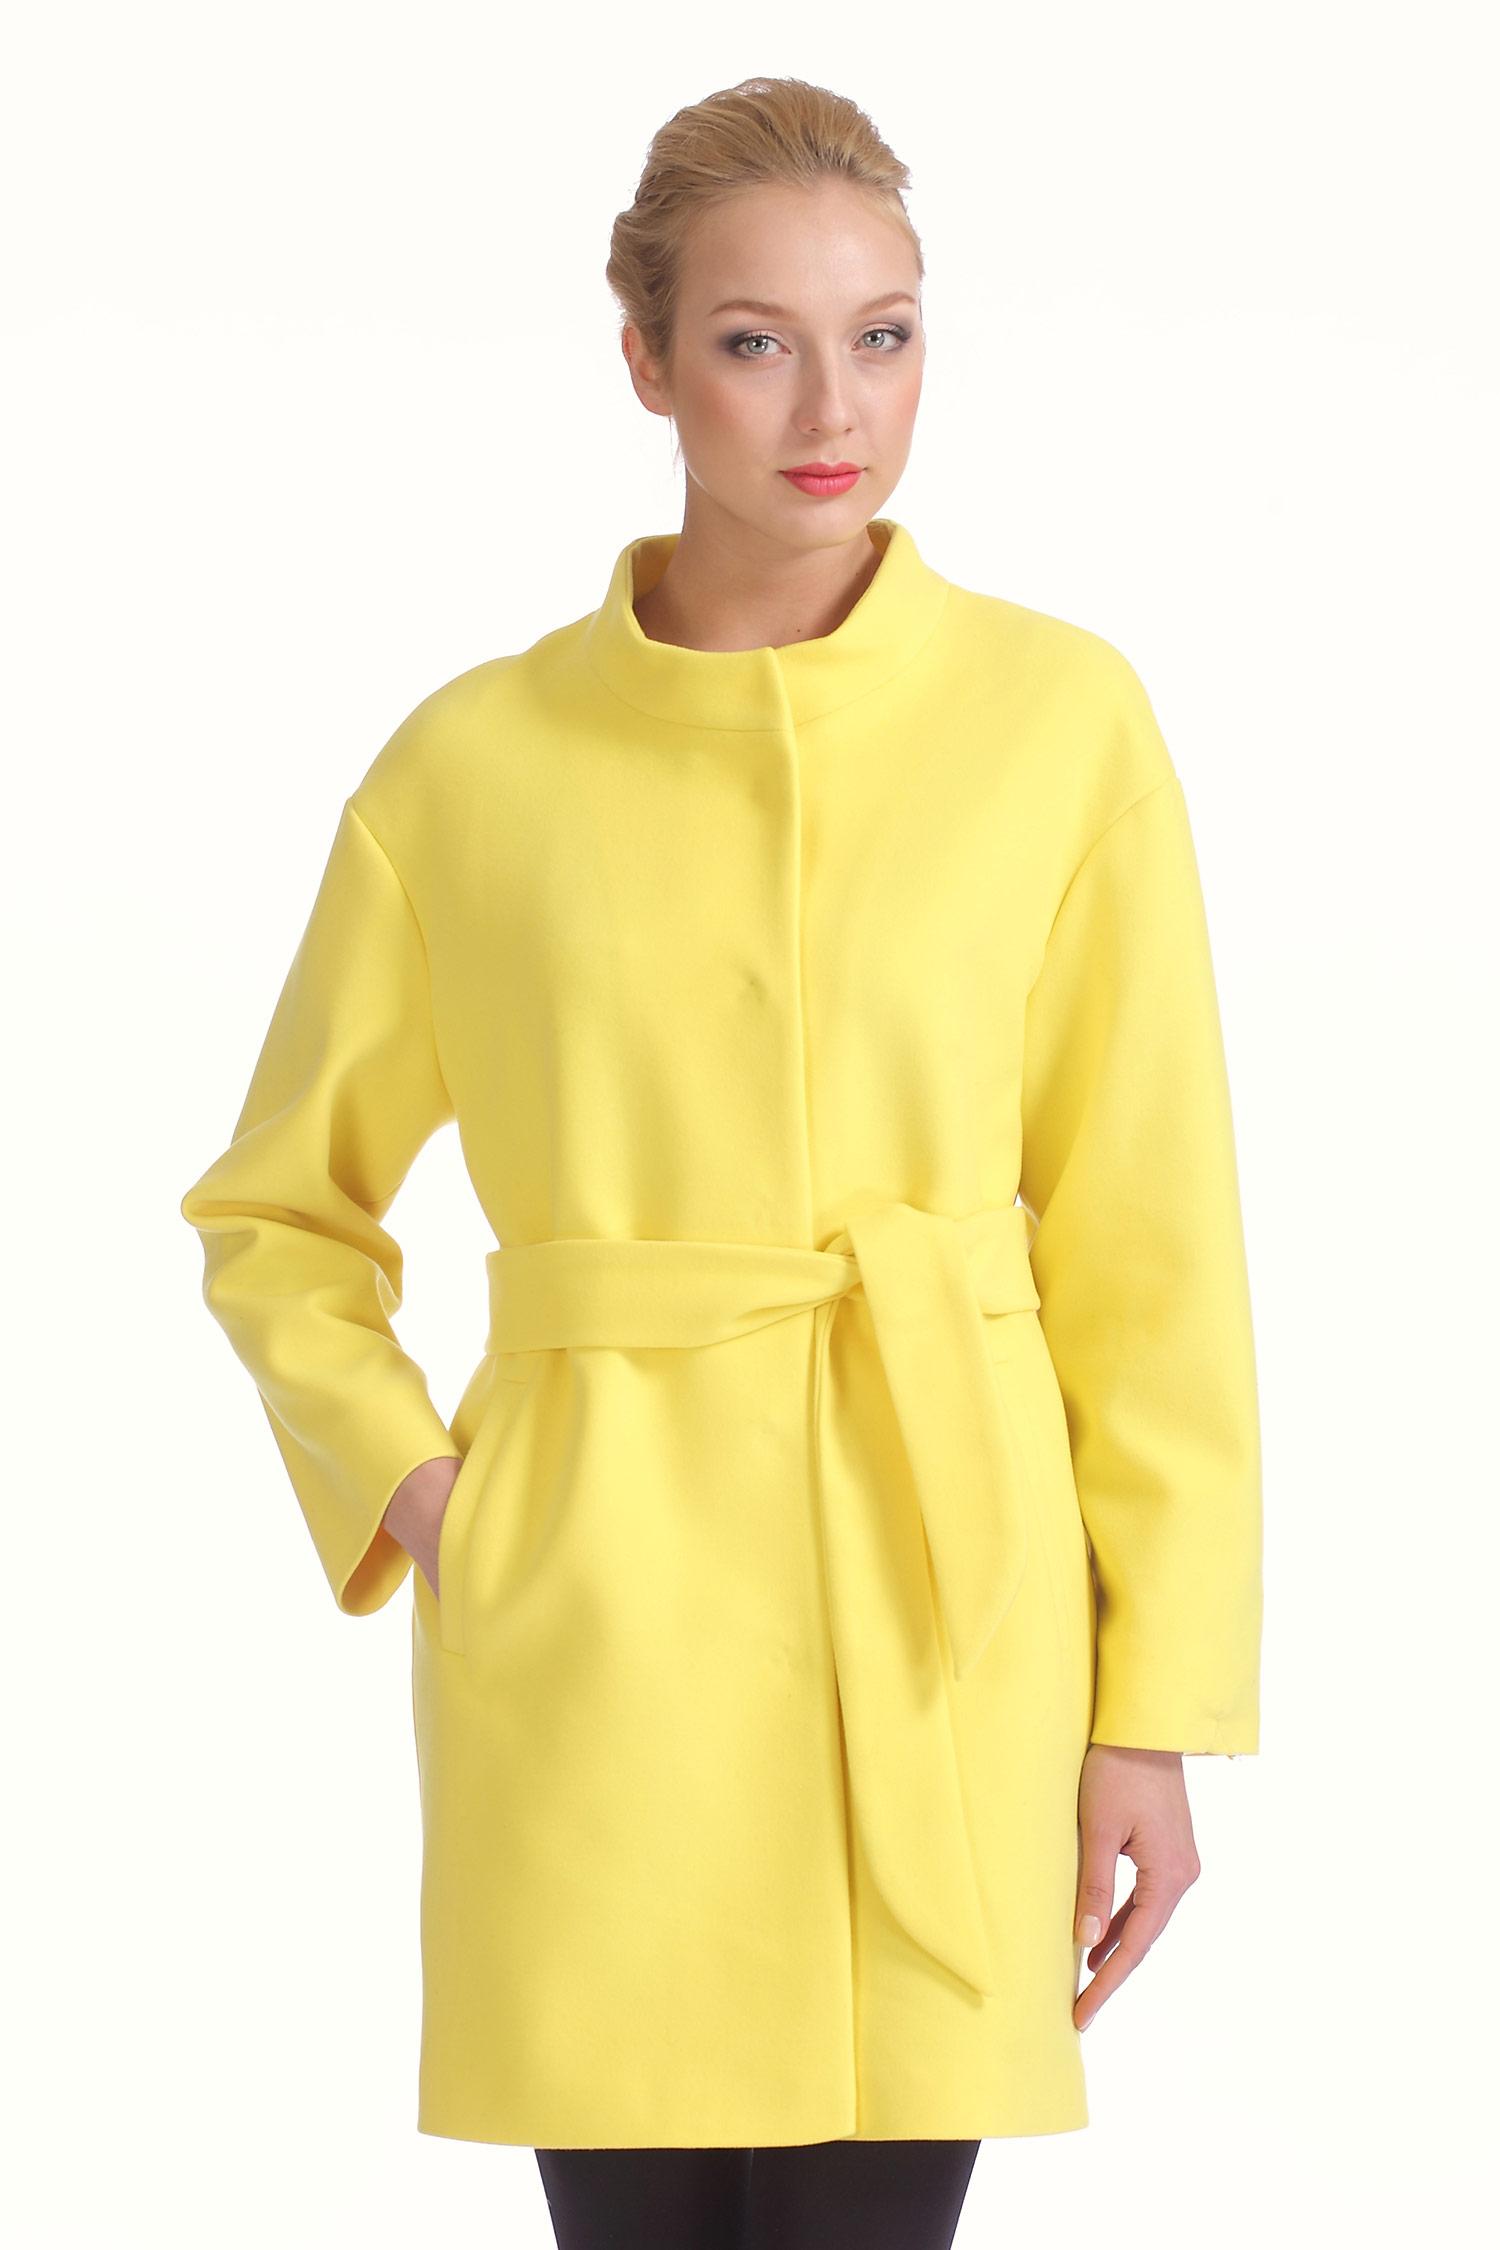 Женское пальто с воротником, без отделки<br><br>Воротник: стойка<br>Длина см: Длинная (свыше 90)<br>Материал: Комбинированный состав<br>Цвет: желтый<br>Вид застежки: центральная<br>Застежка: на кнопки<br>Пол: Женский<br>Размер RU: 48